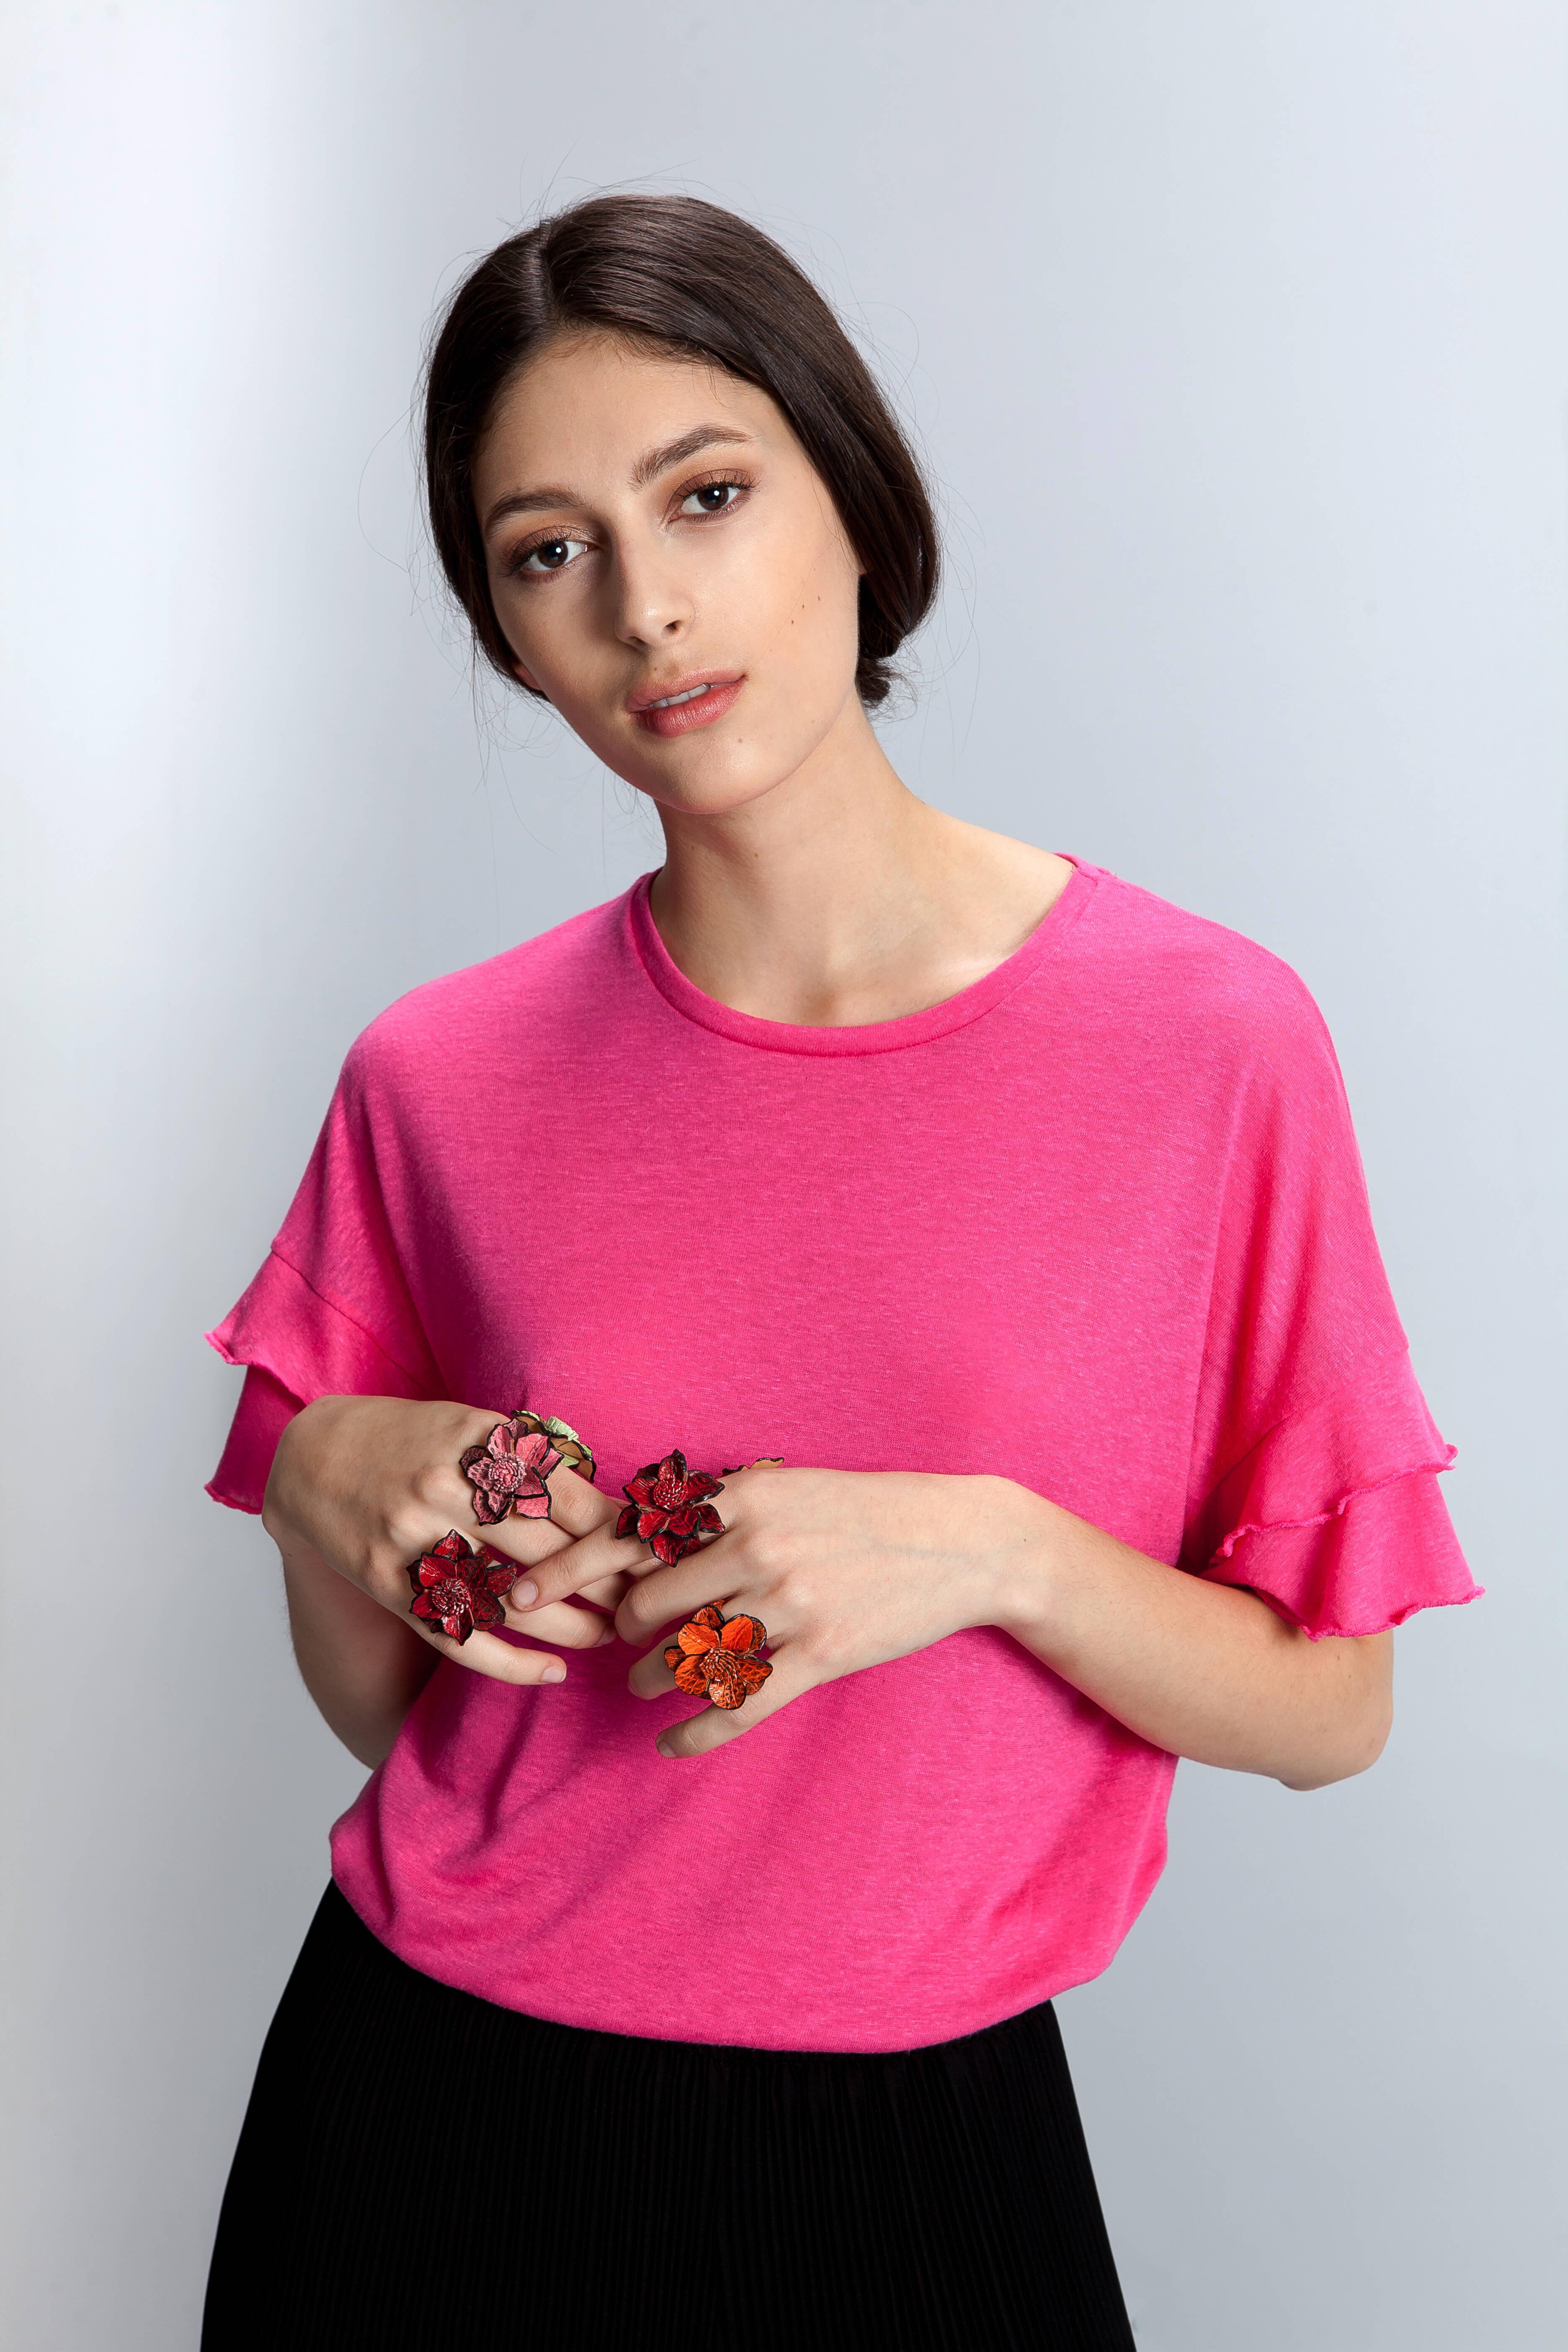 Conheça alguns modelos da MuMo Modas. Foto: Divulgação